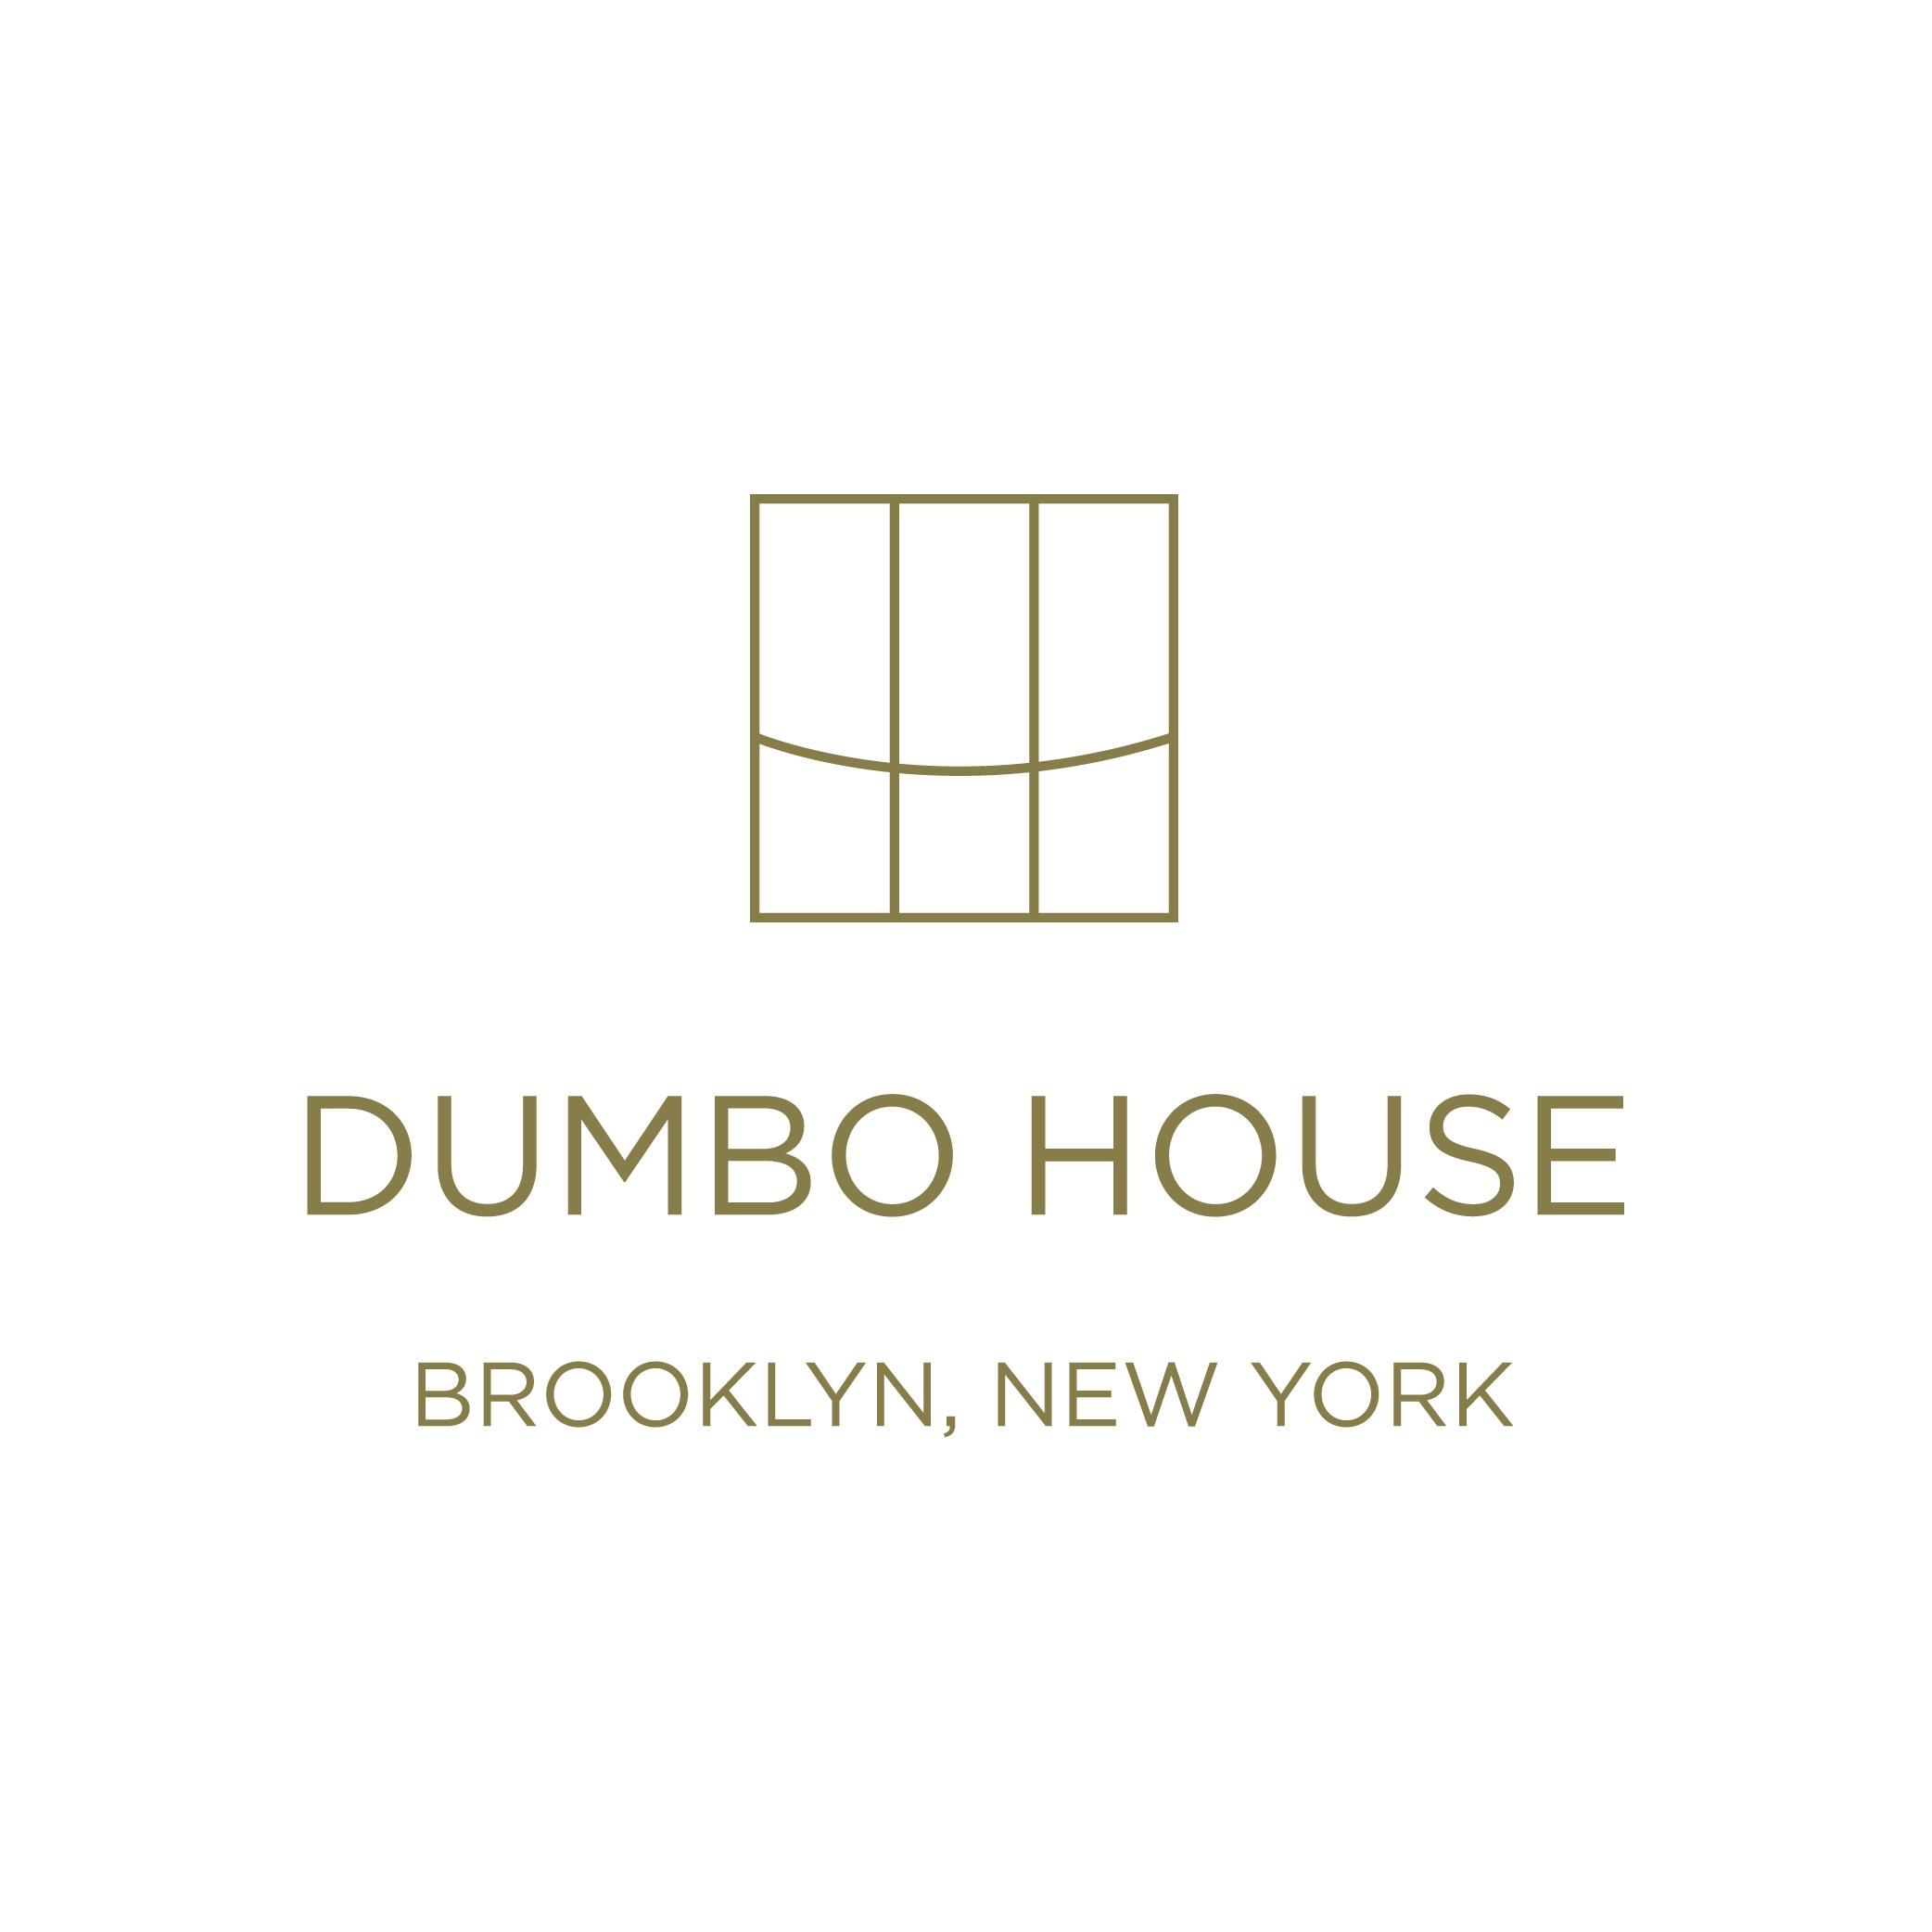 DUMBO House - New York, NY 11201 - (718)650-8100 | ShowMeLocal.com